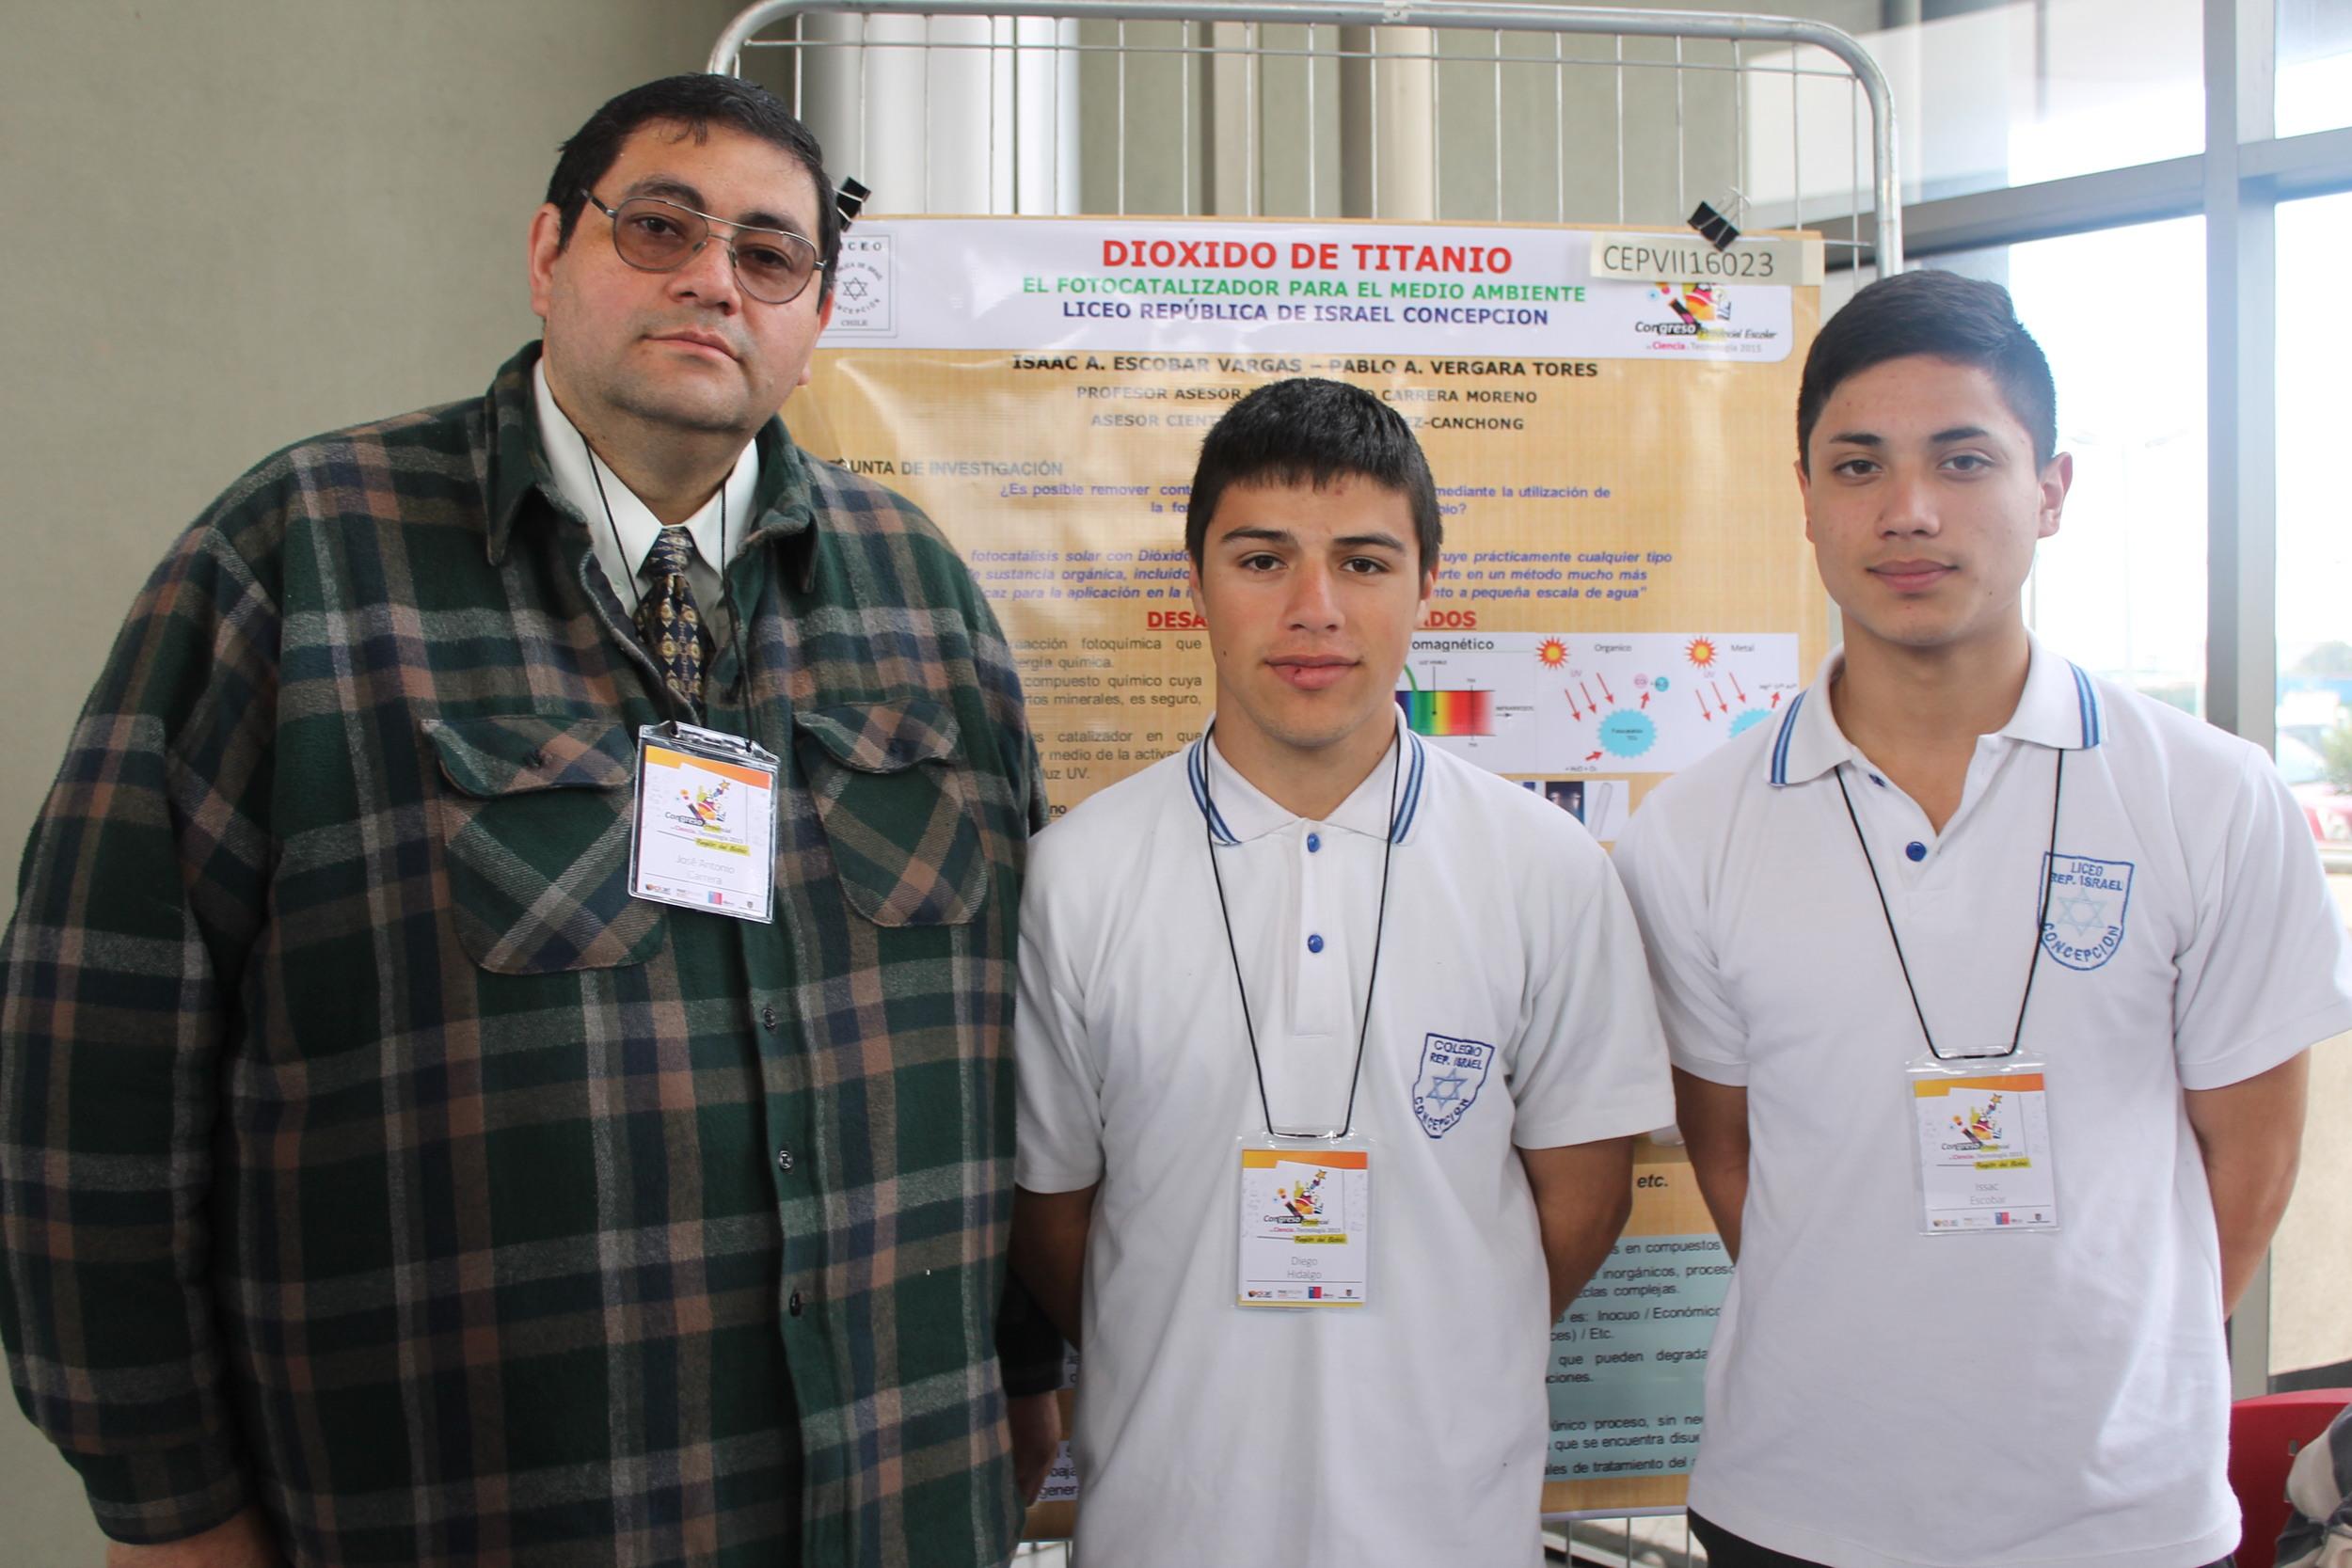 Prof José Antonio Carrasco Moreno, Isaac Alejandro Escobar Vargas, Diego Thomás Hidalgo Collao, Liceo República de Isrrael Concepción .JPG